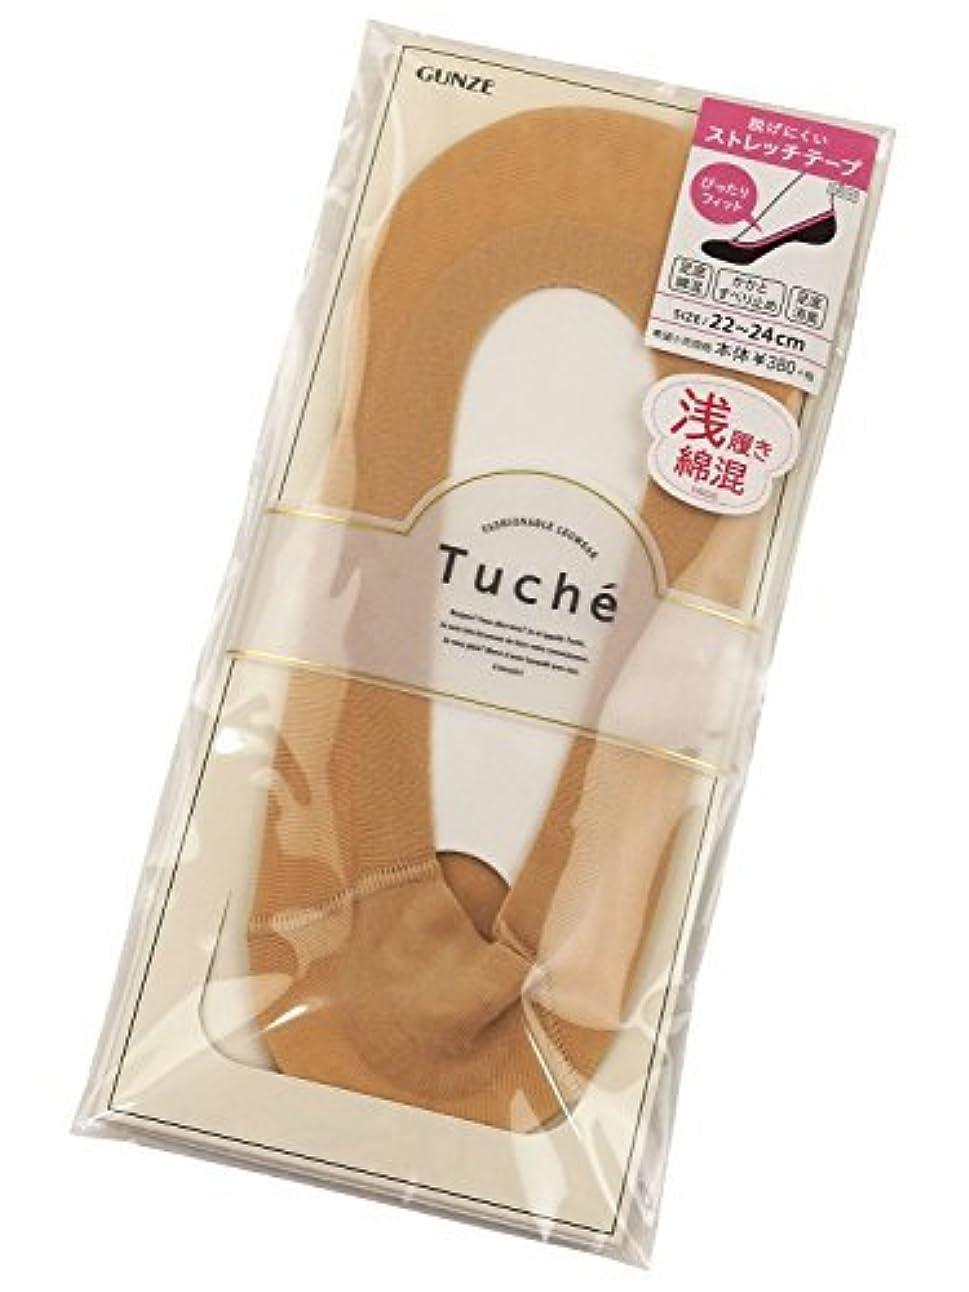 実現可能性ノミネート八百屋GUNZE(グンゼ)Tuche(トゥシェ)婦人フットカバー 脱げにくいストレッチテープ 浅履き綿混 TQD700